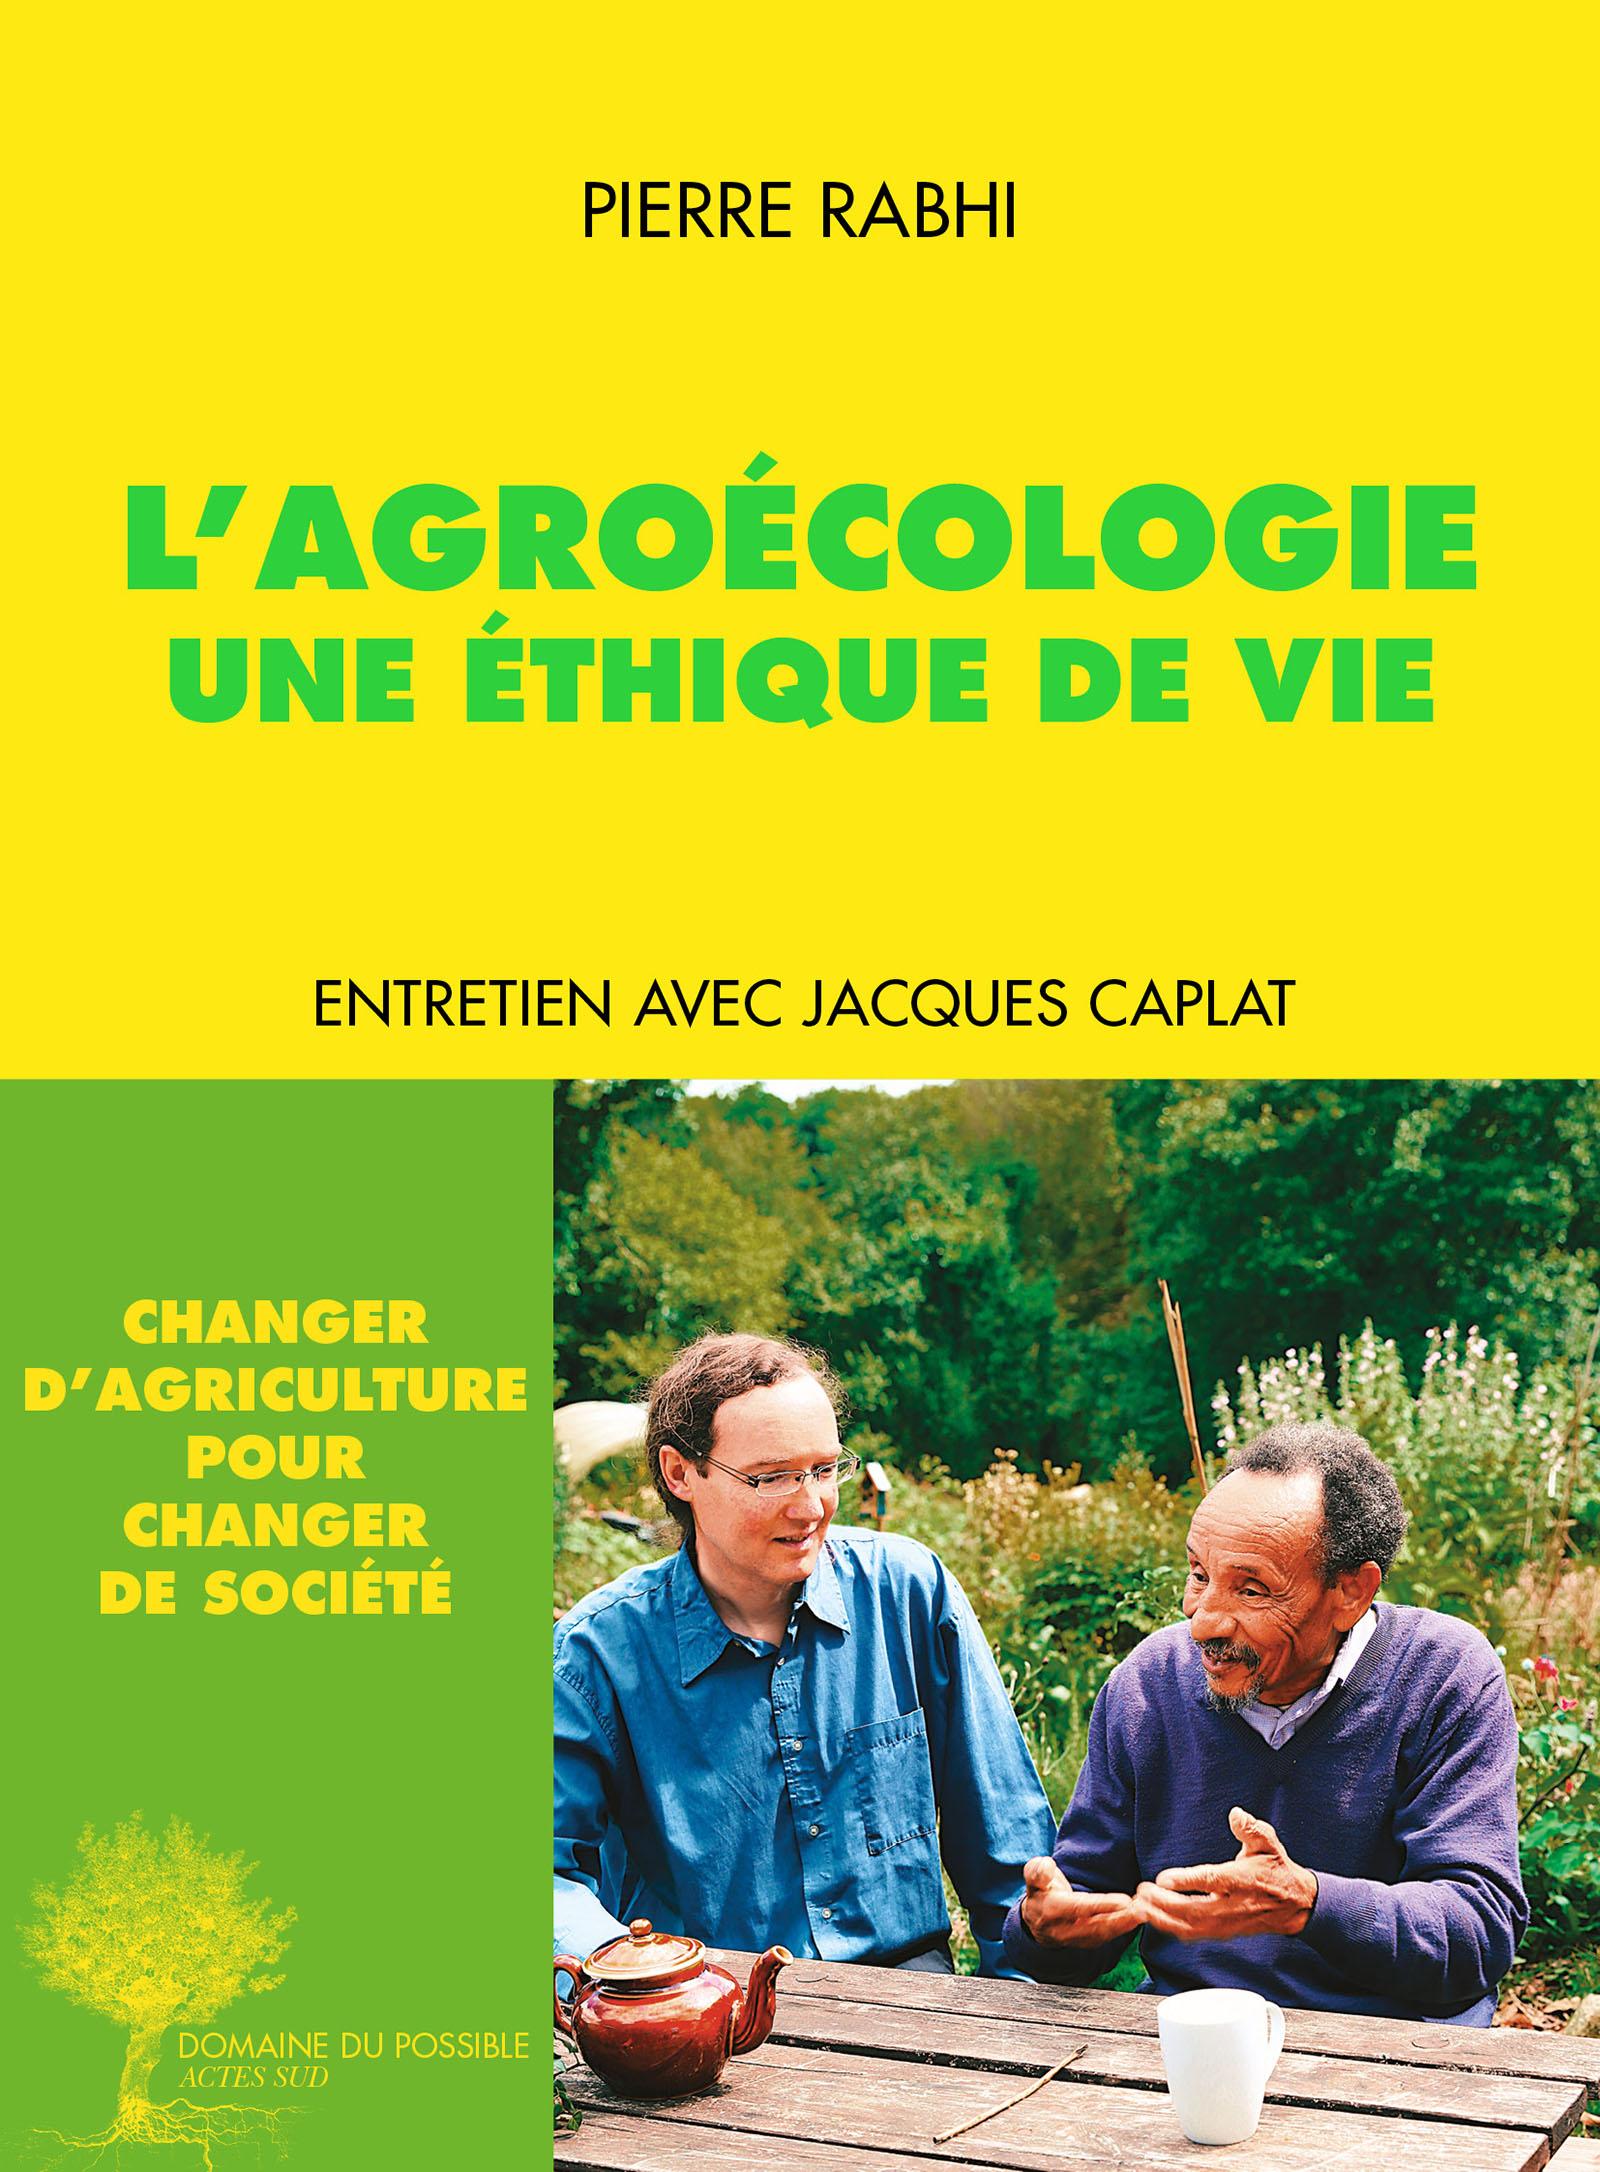 L'agroécologie: une éthique de vie